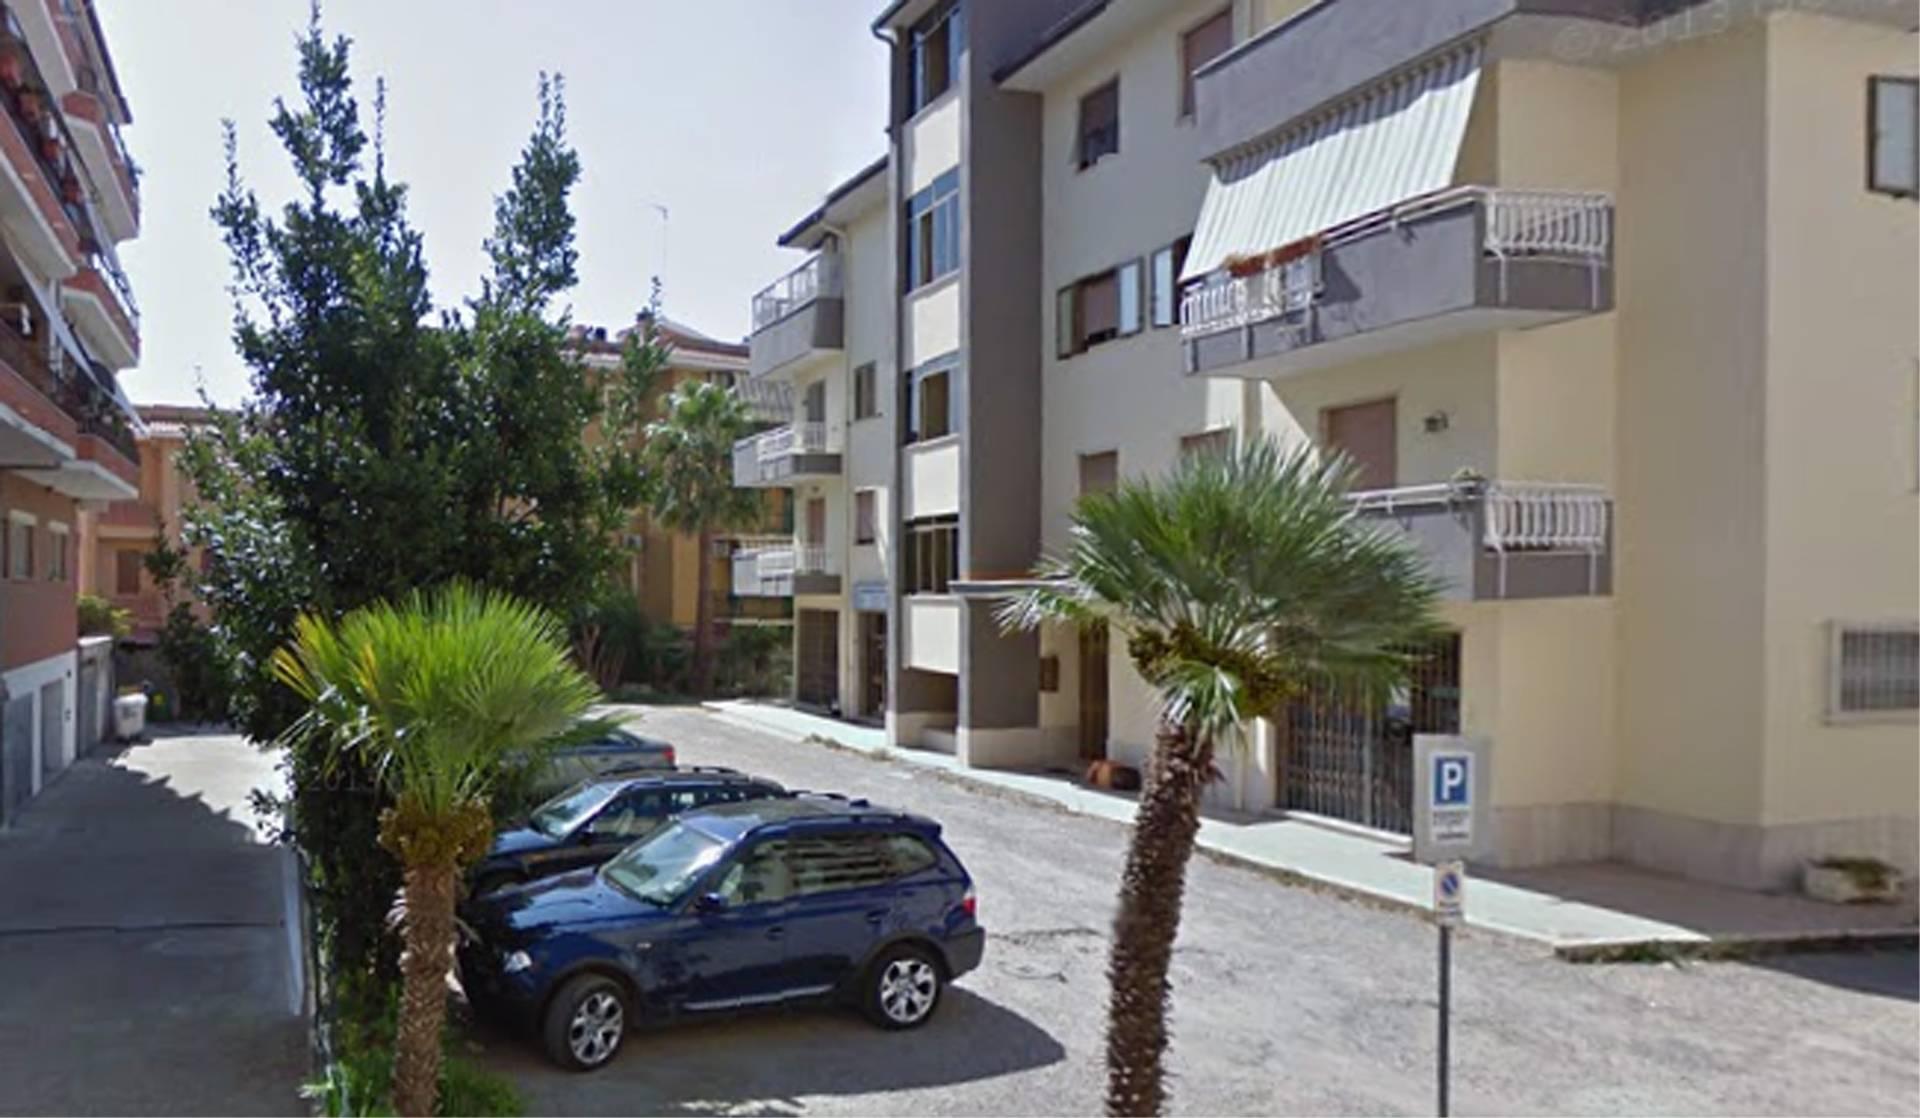 Negozio / Locale in affitto a Tarquinia, 9999 locali, zona Località: Coop, prezzo € 500 | CambioCasa.it